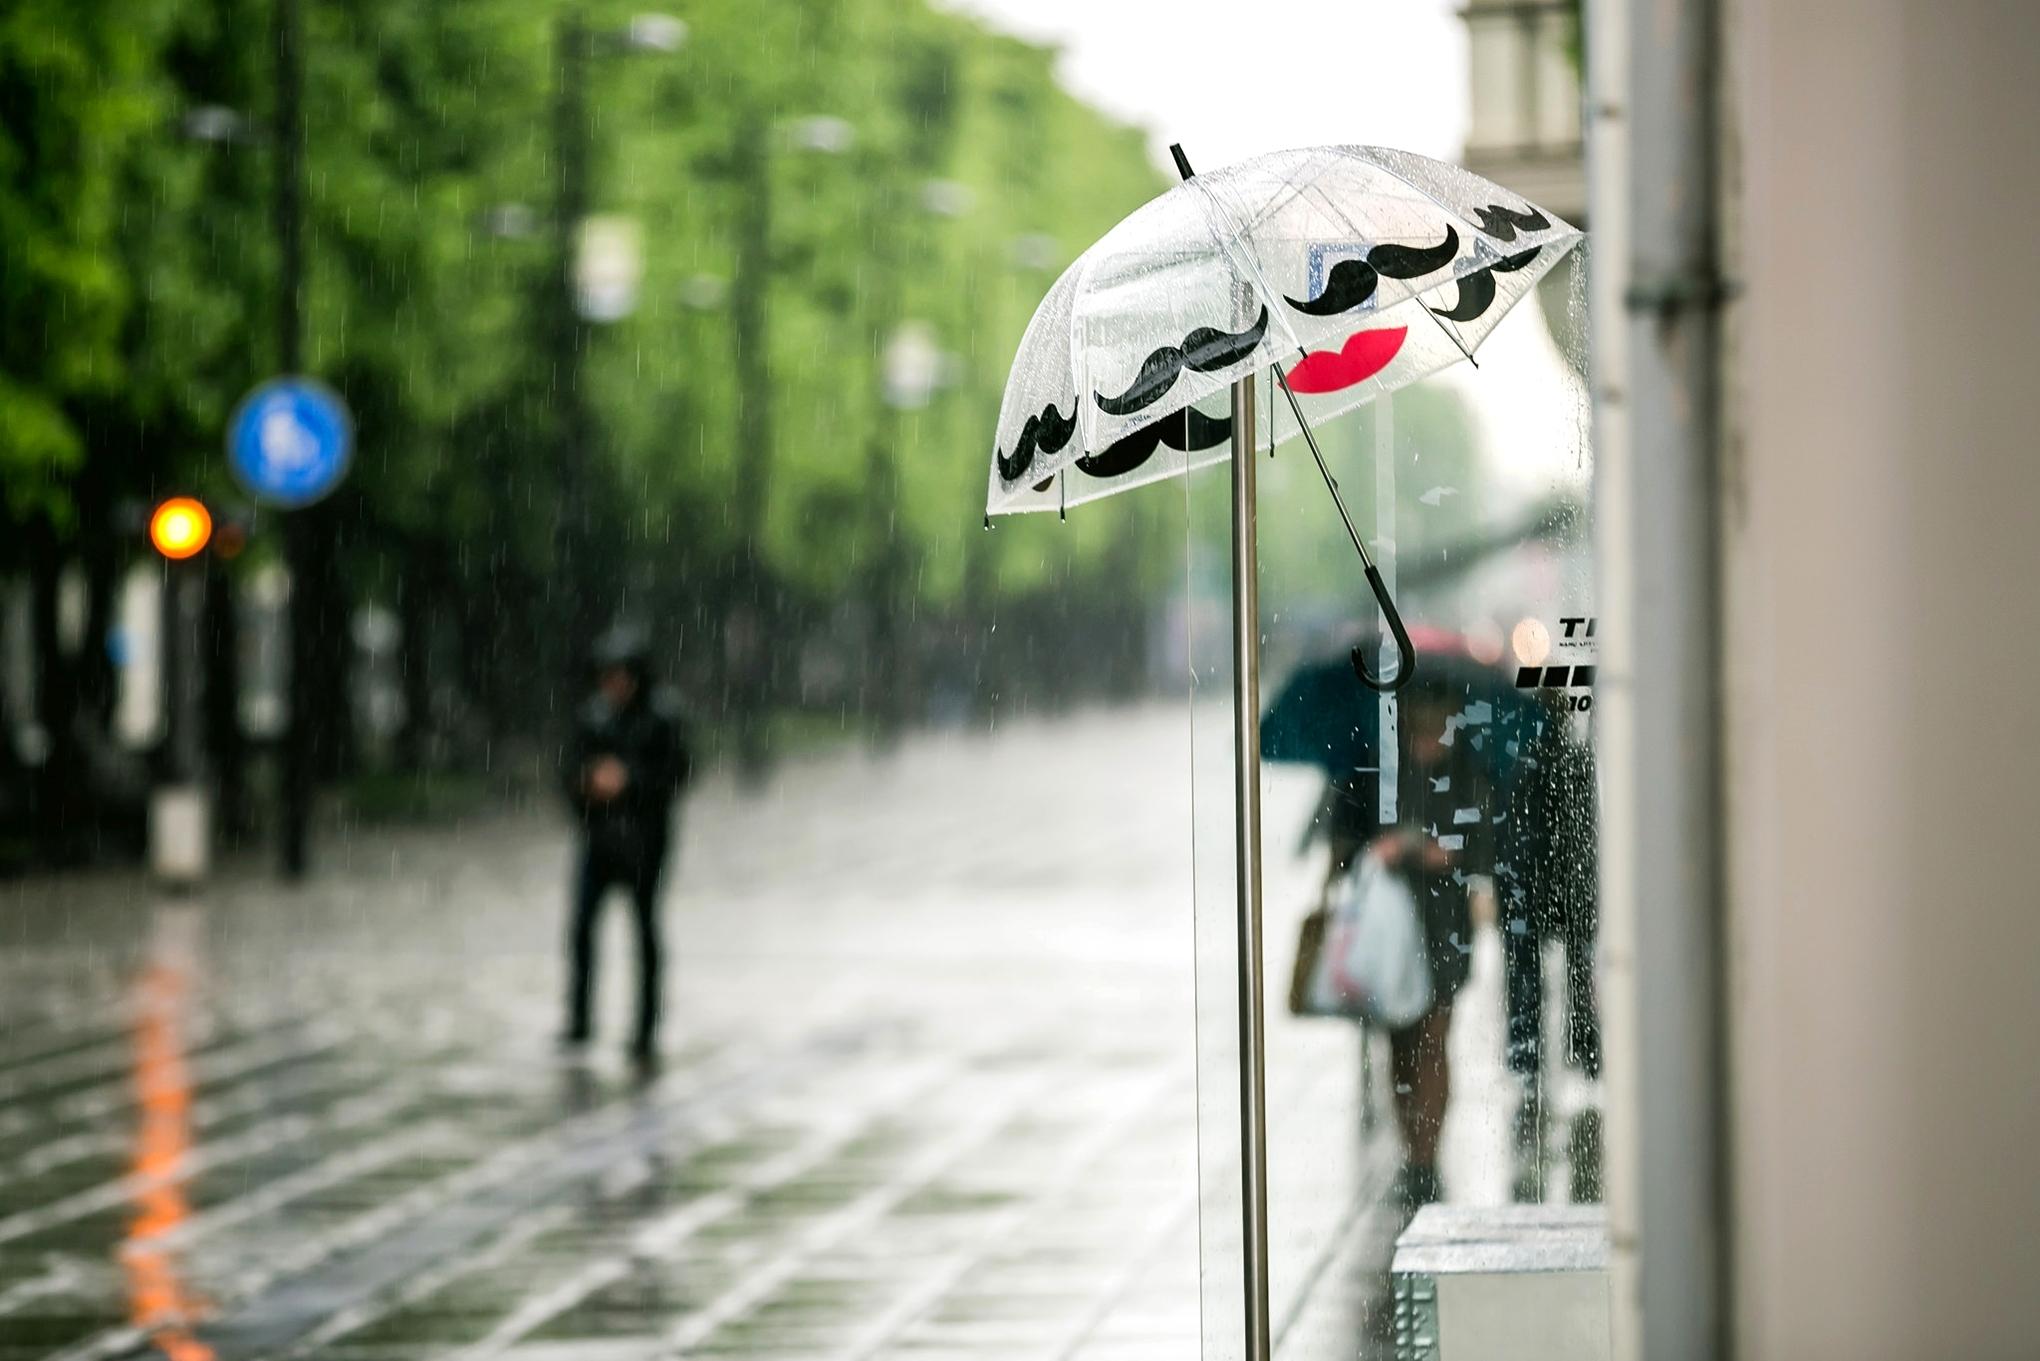 цюрих картинки погоды с людьми квартира